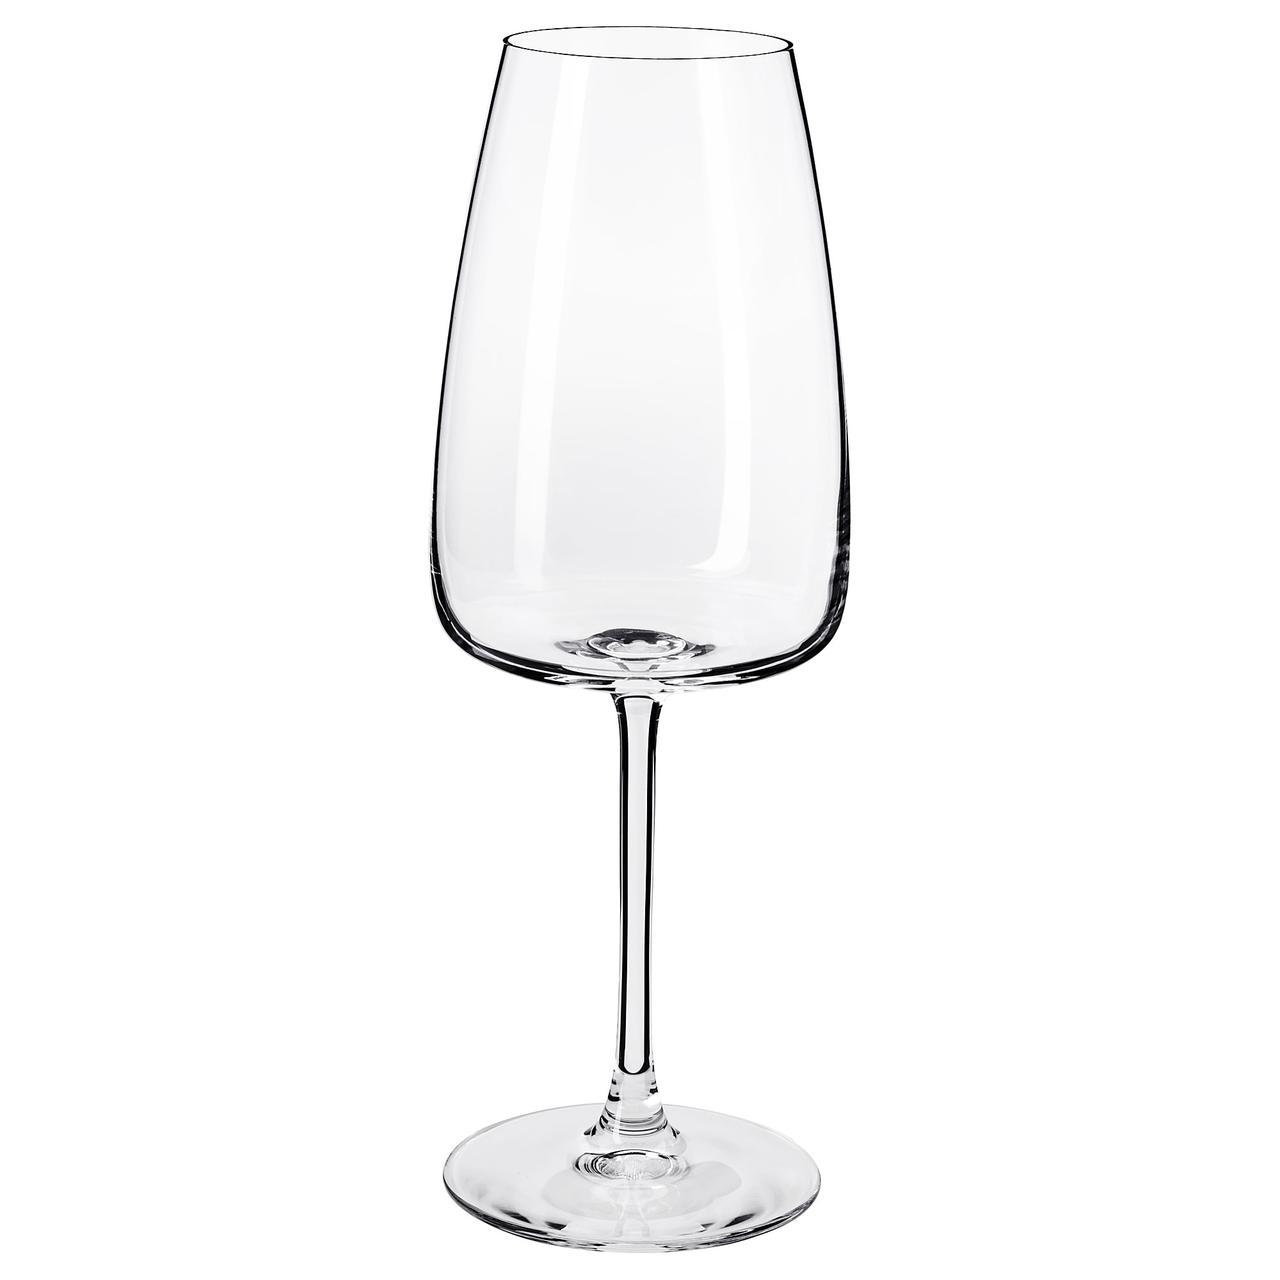 ДЮГРИП Бокал для белого вина, прозрачное стекло